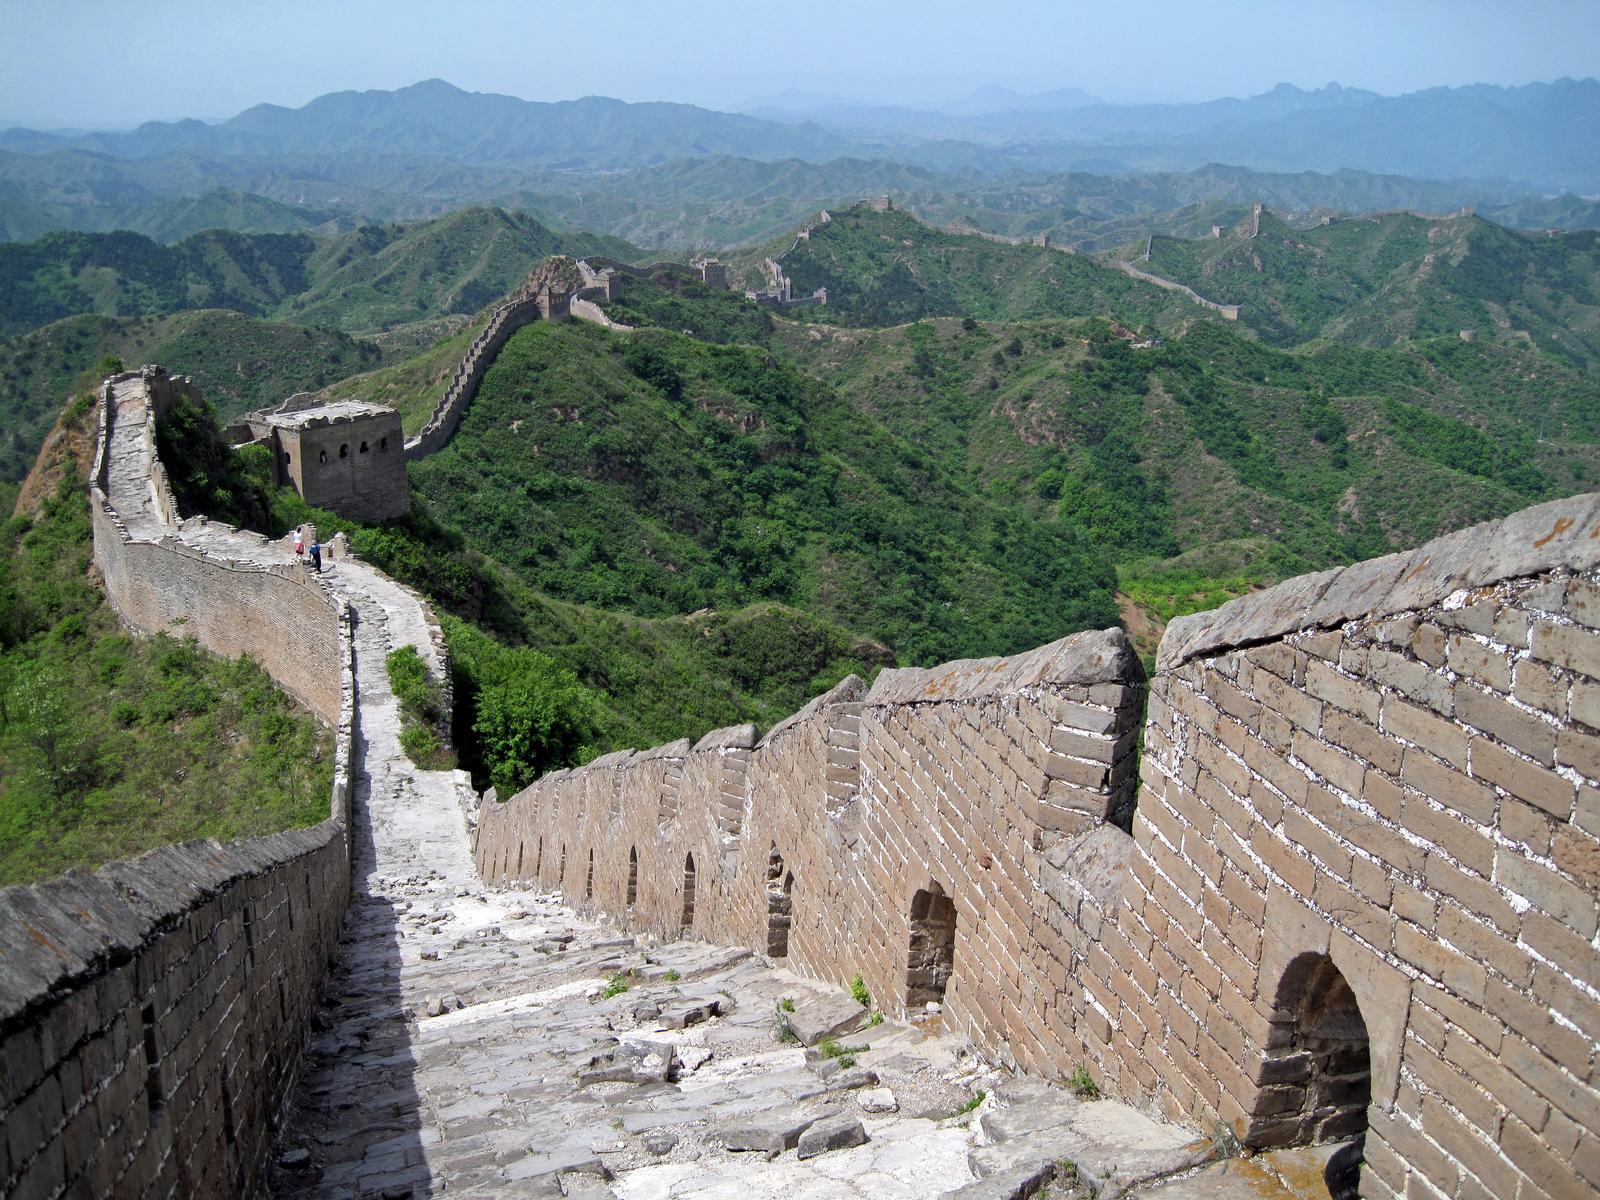 between Jinshaling and Simatai, Northern China